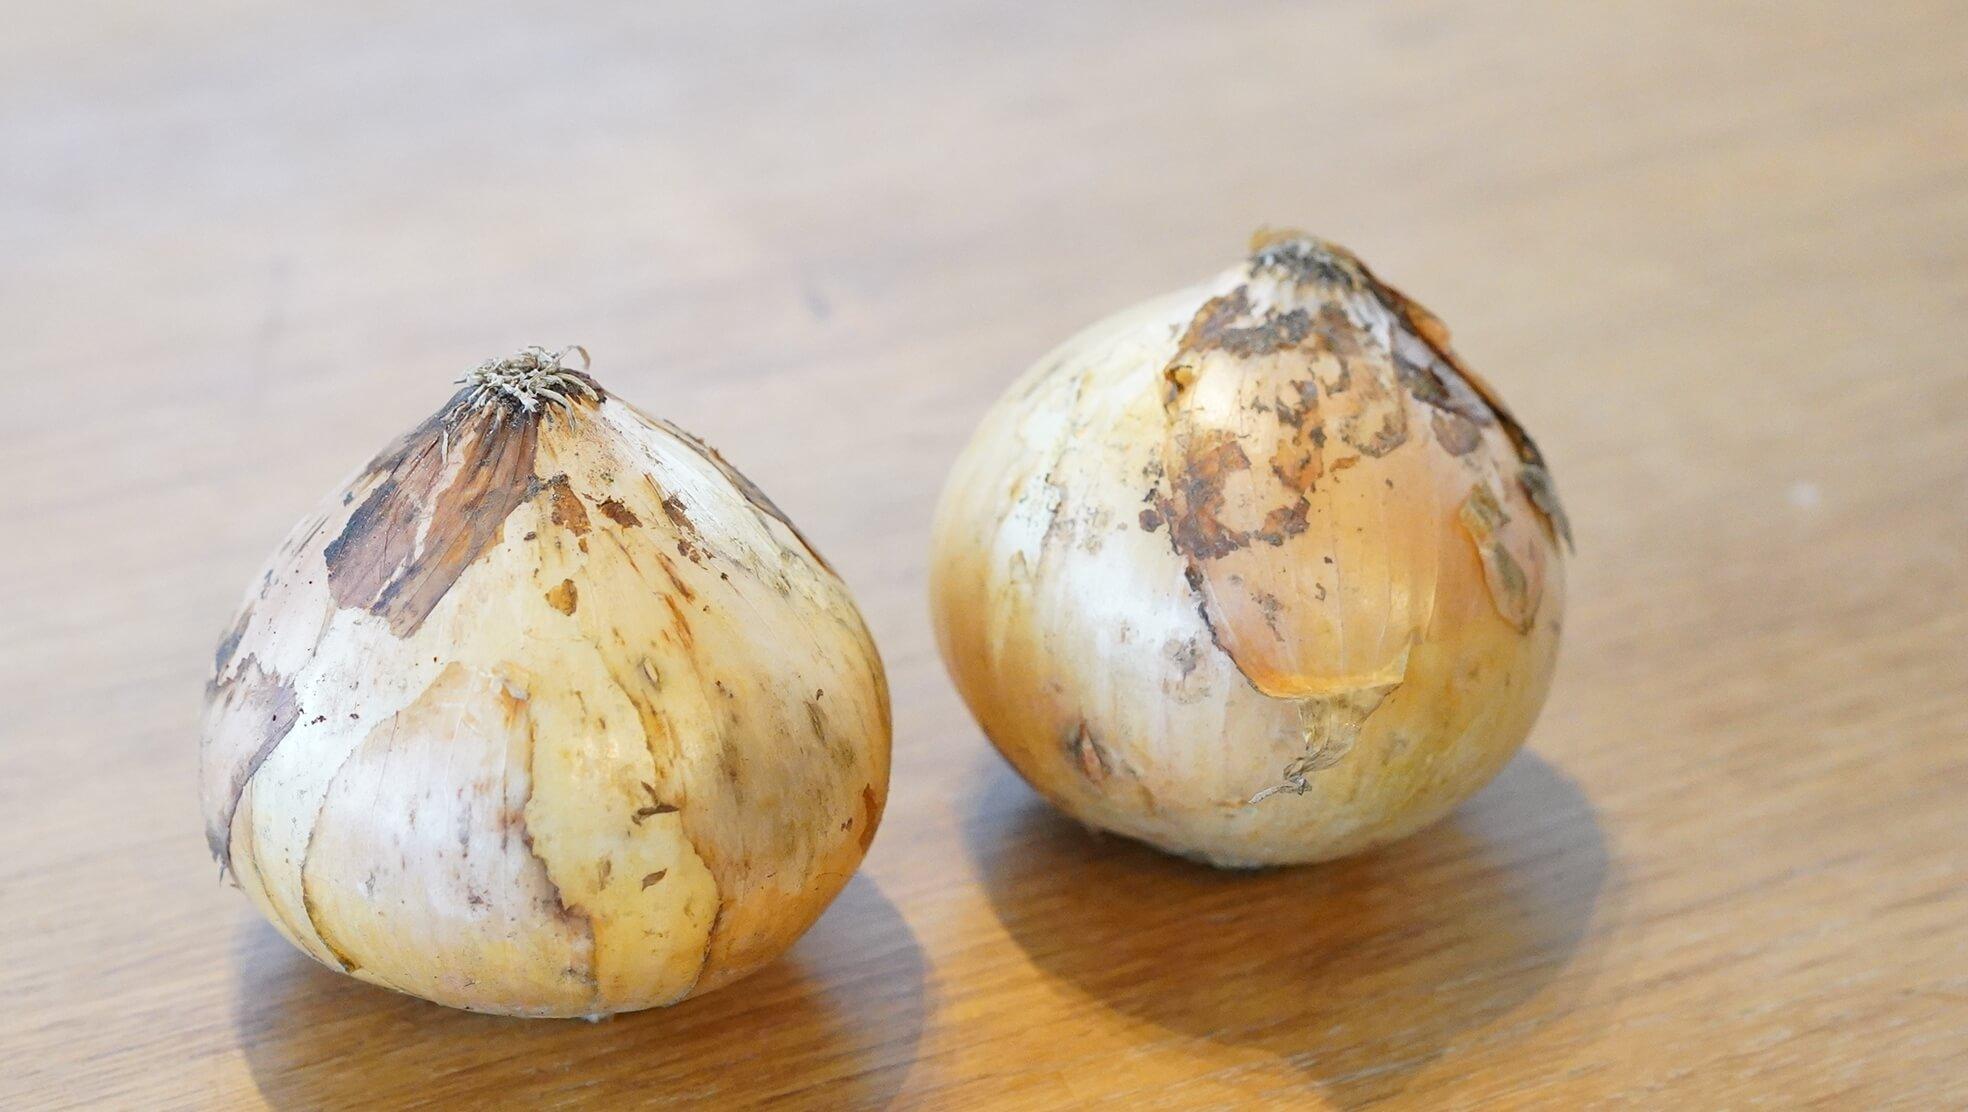 青森のB級グルメ「十和田バラ焼き」の冷凍食品と一緒に炒める玉ねぎの写真